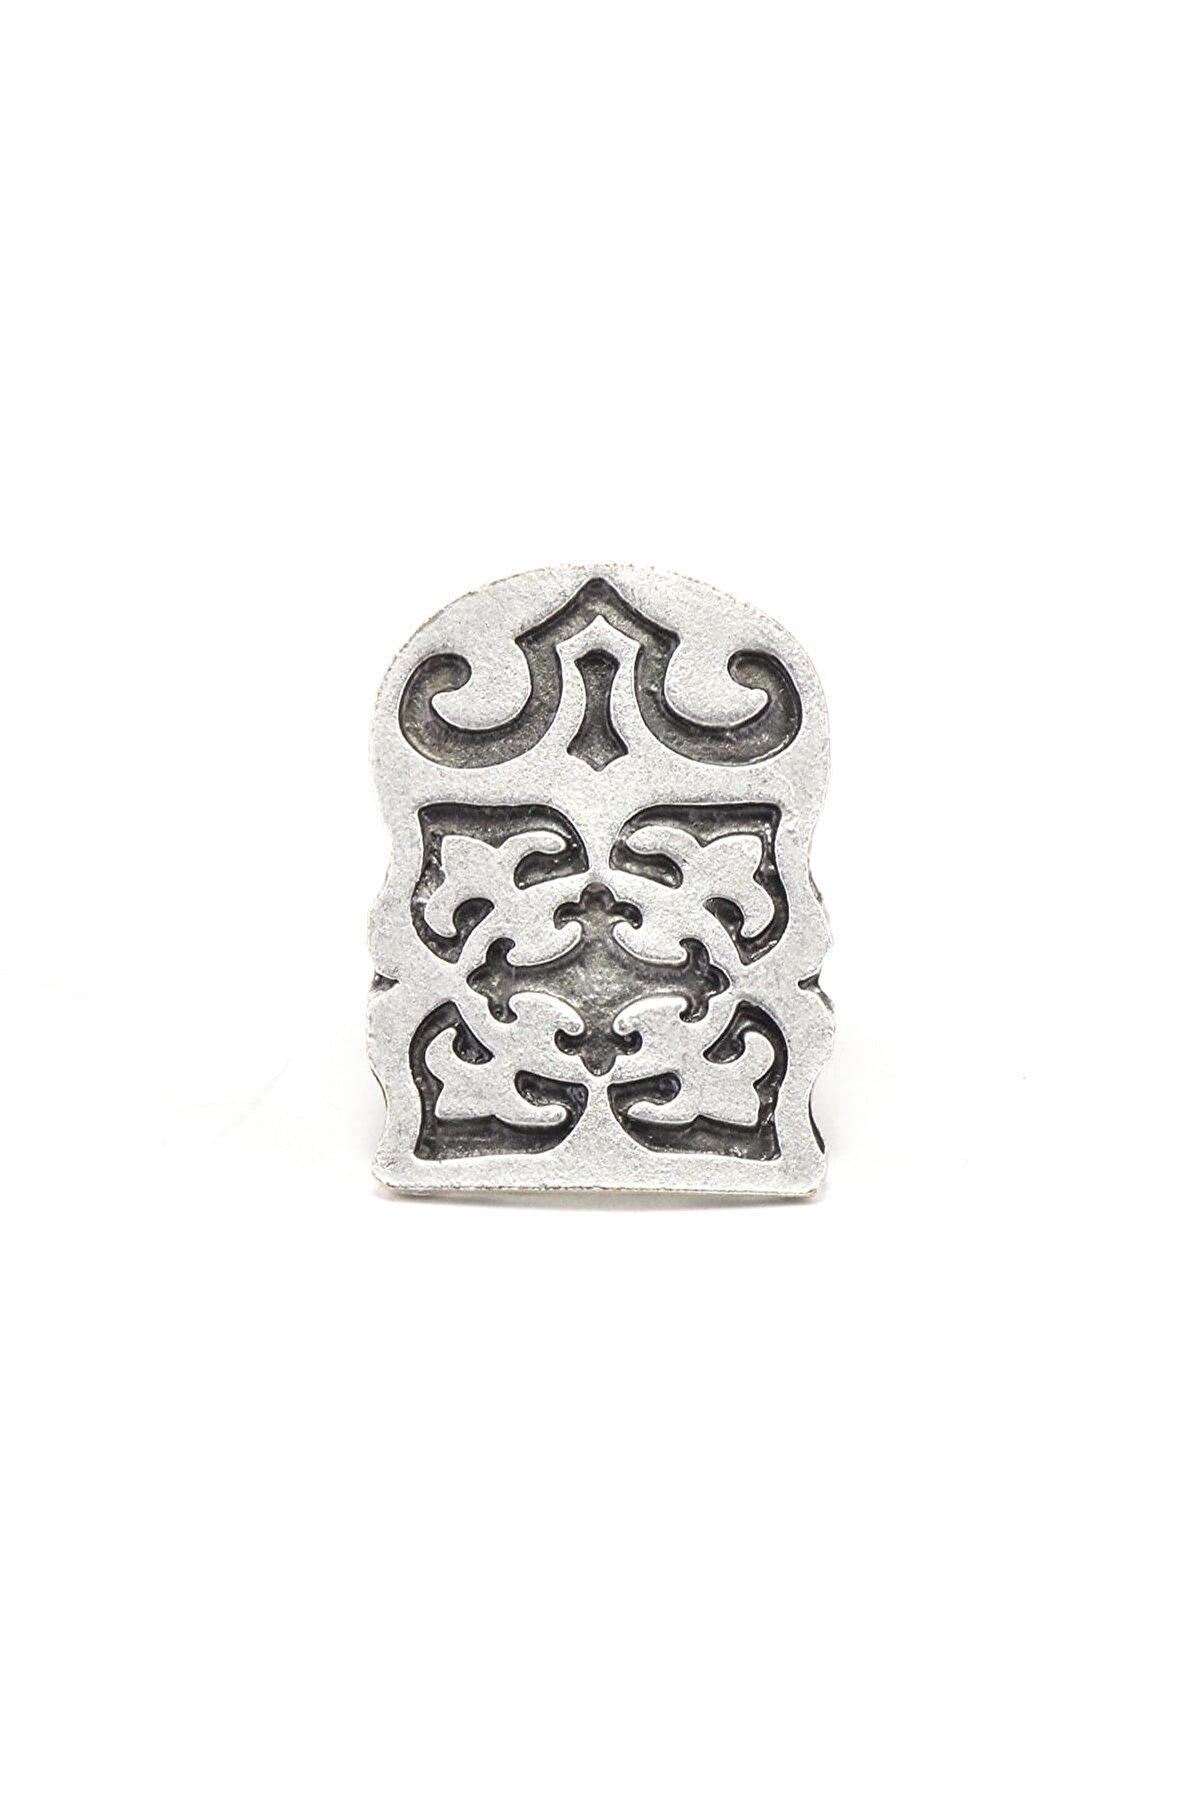 Zuk Collection Antik Gümüş Kaplama Ayarlanabilir Yüzük 120020